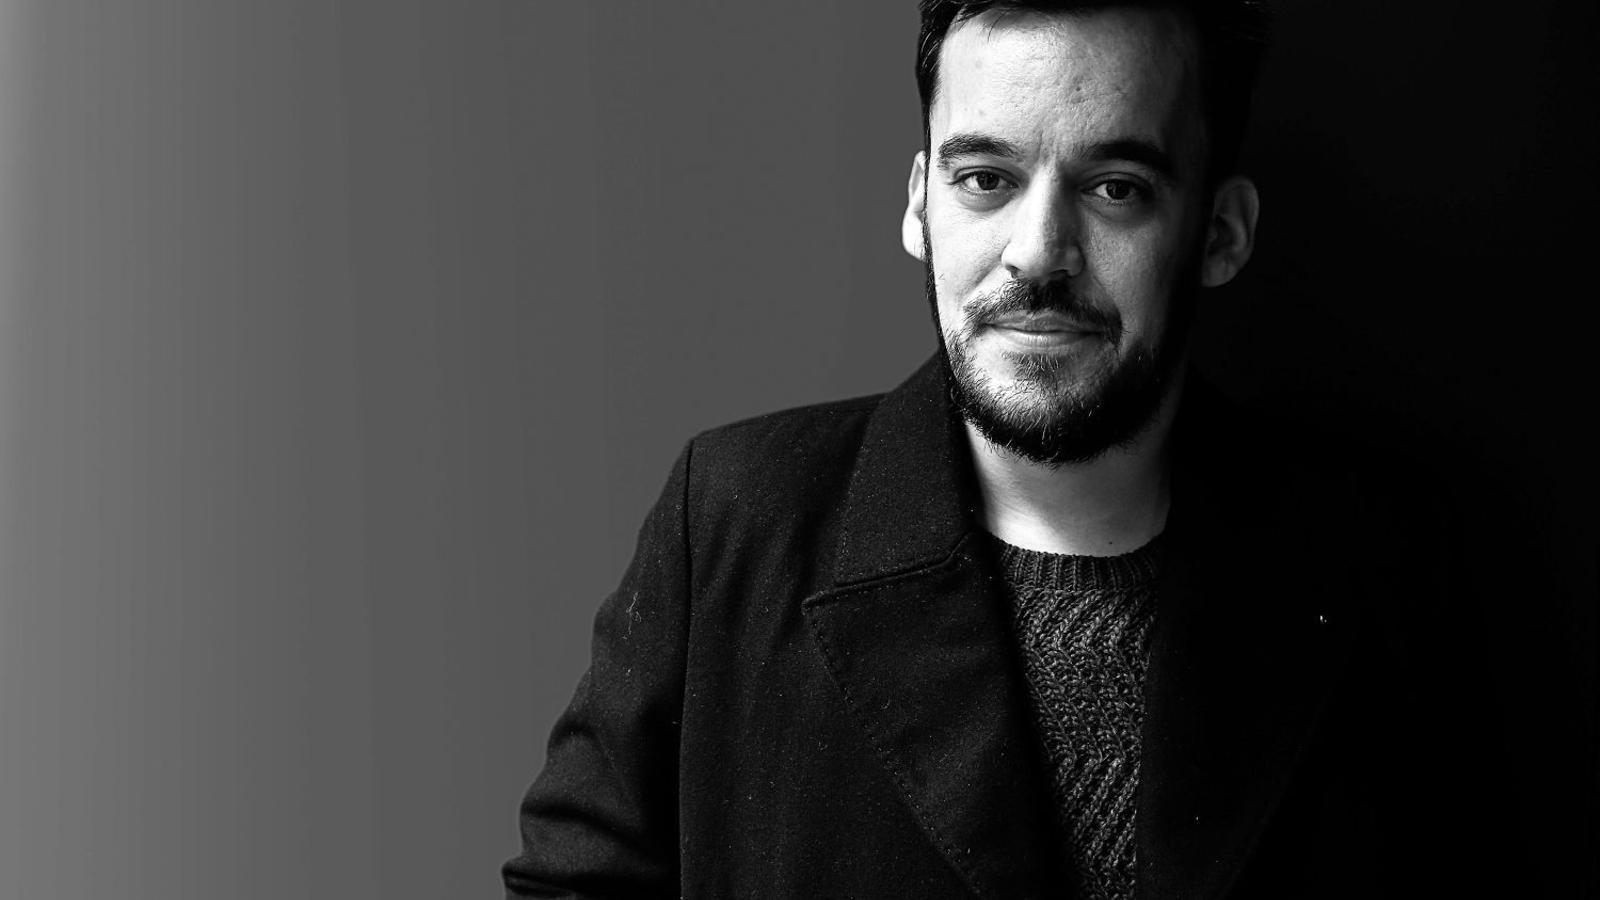 Samuel Aranda fotografiat a Barcelona. XAVIER BERTRAL